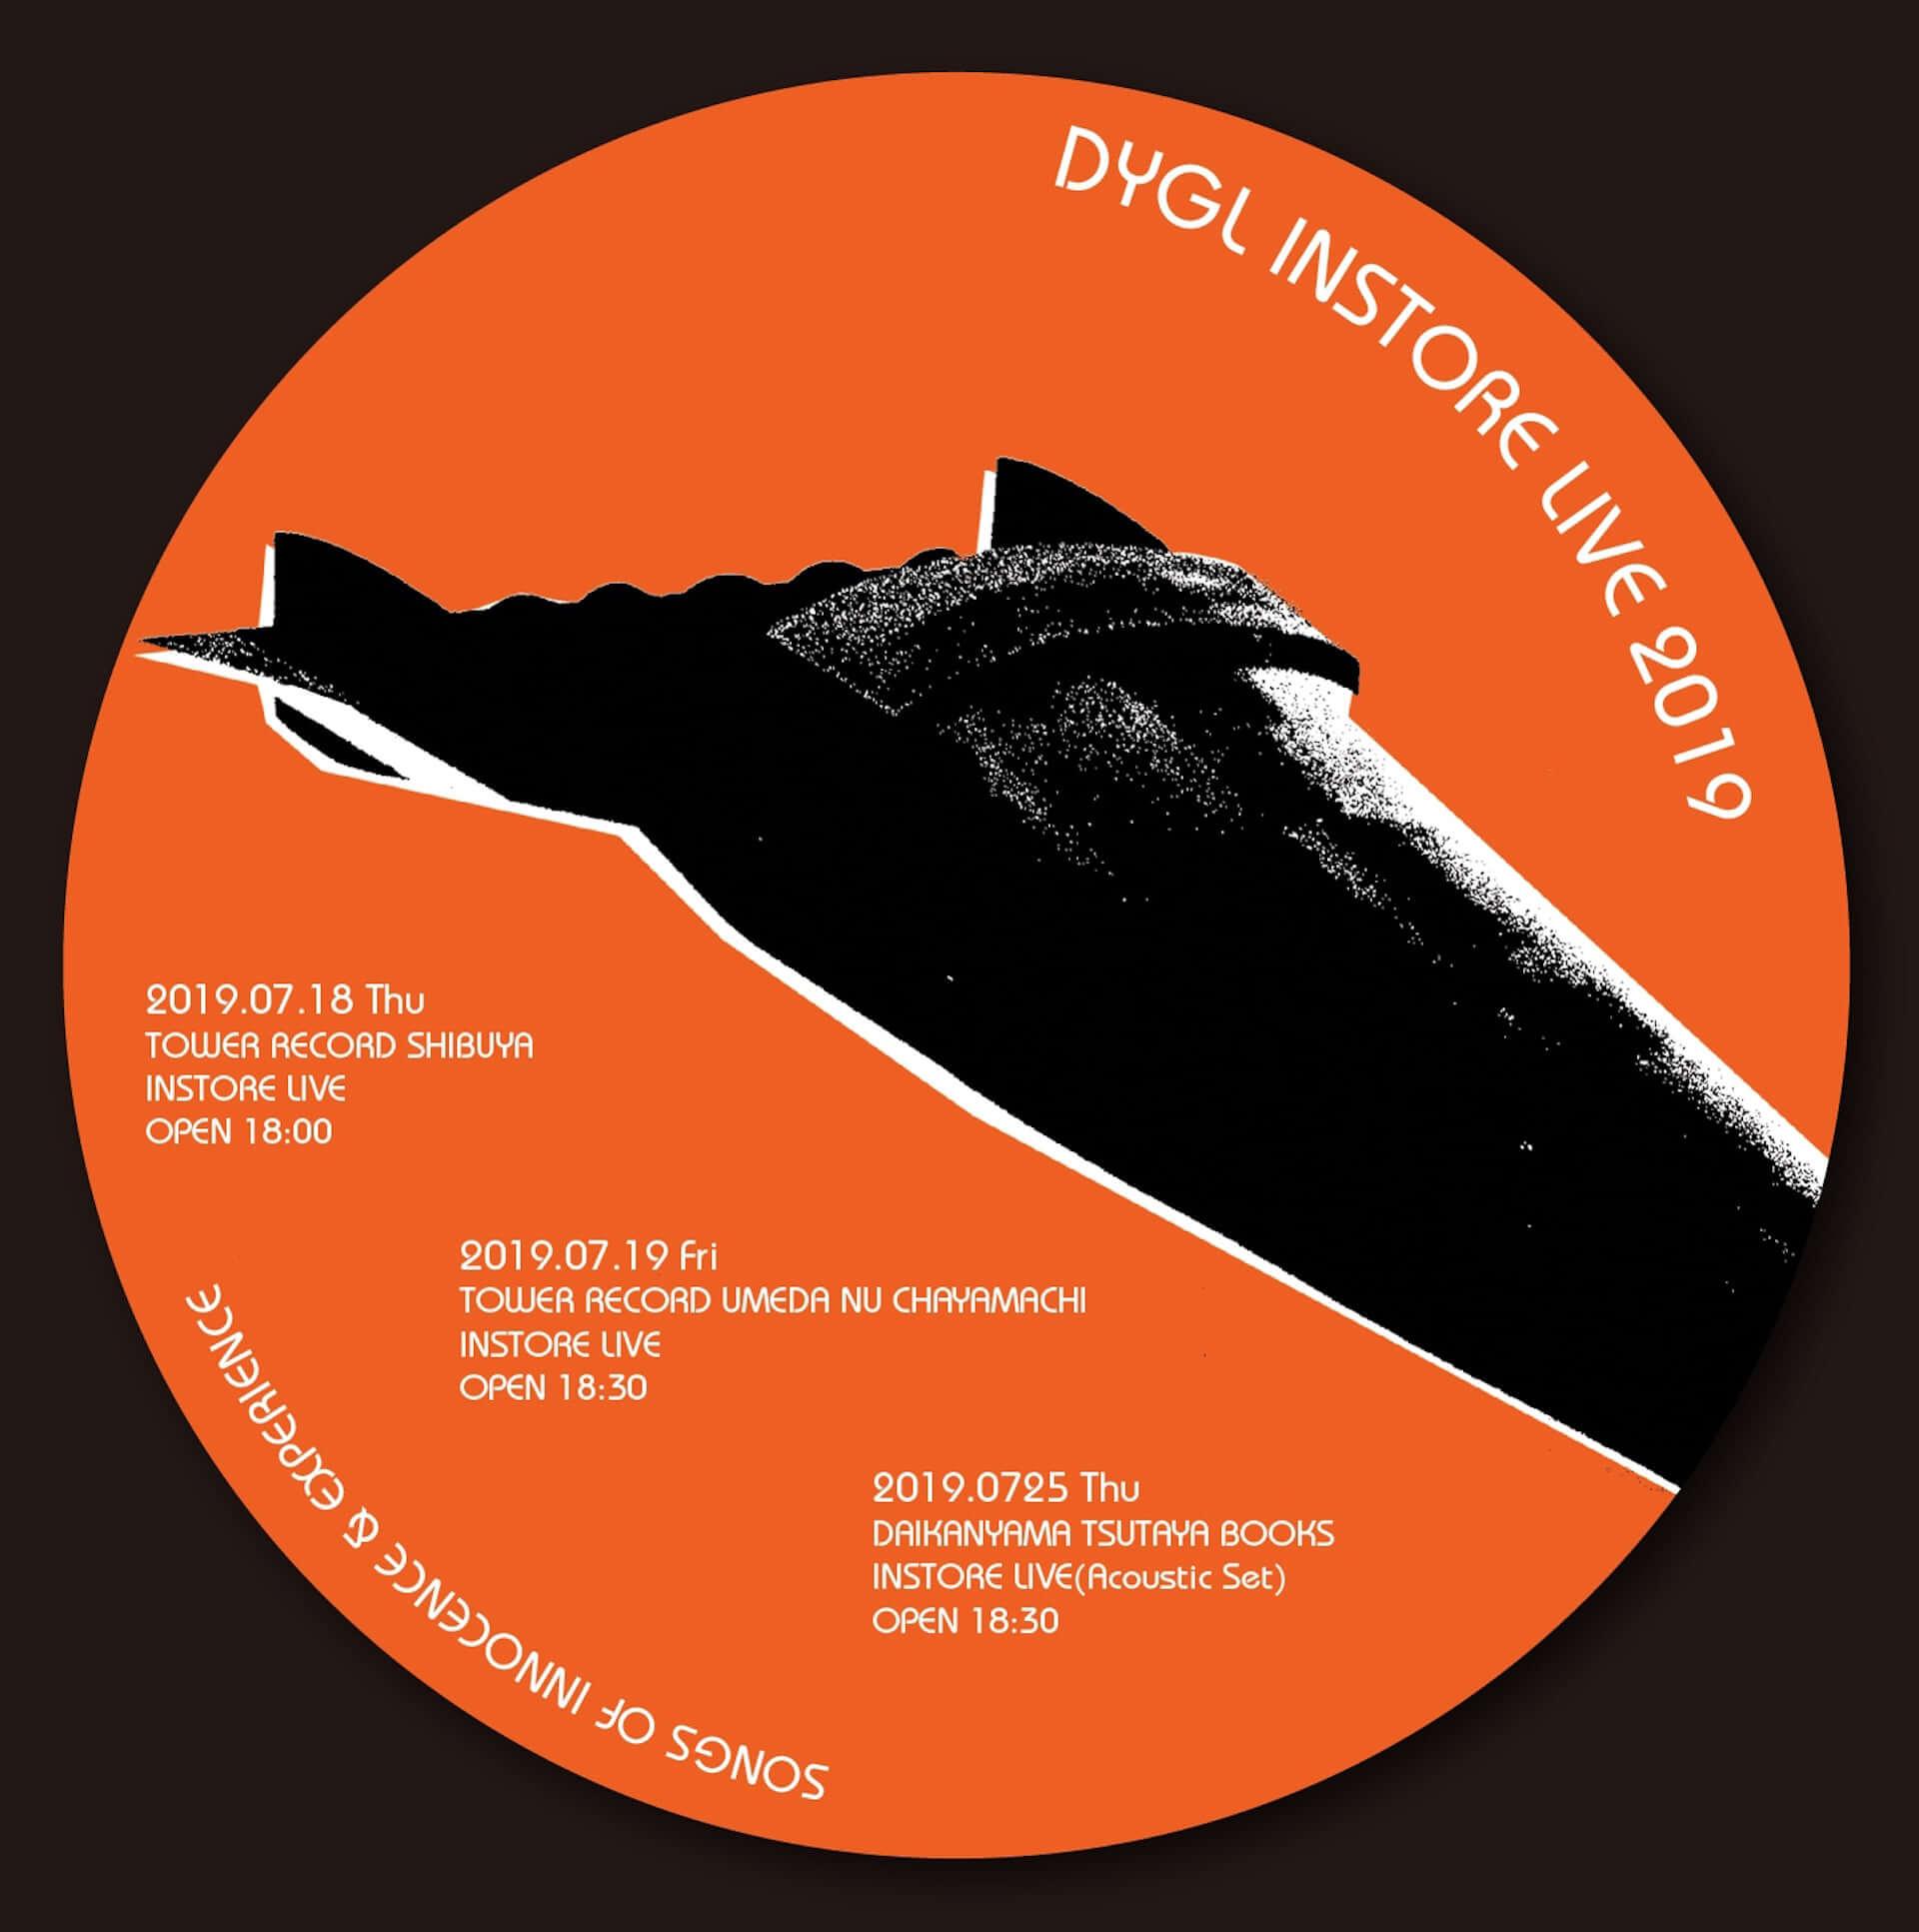 世界基準で真っ向勝負するDYGLの「無邪気さ」と「経験」をセカンド・アルバムで追体験する music190704-dygl-31-1920x1933